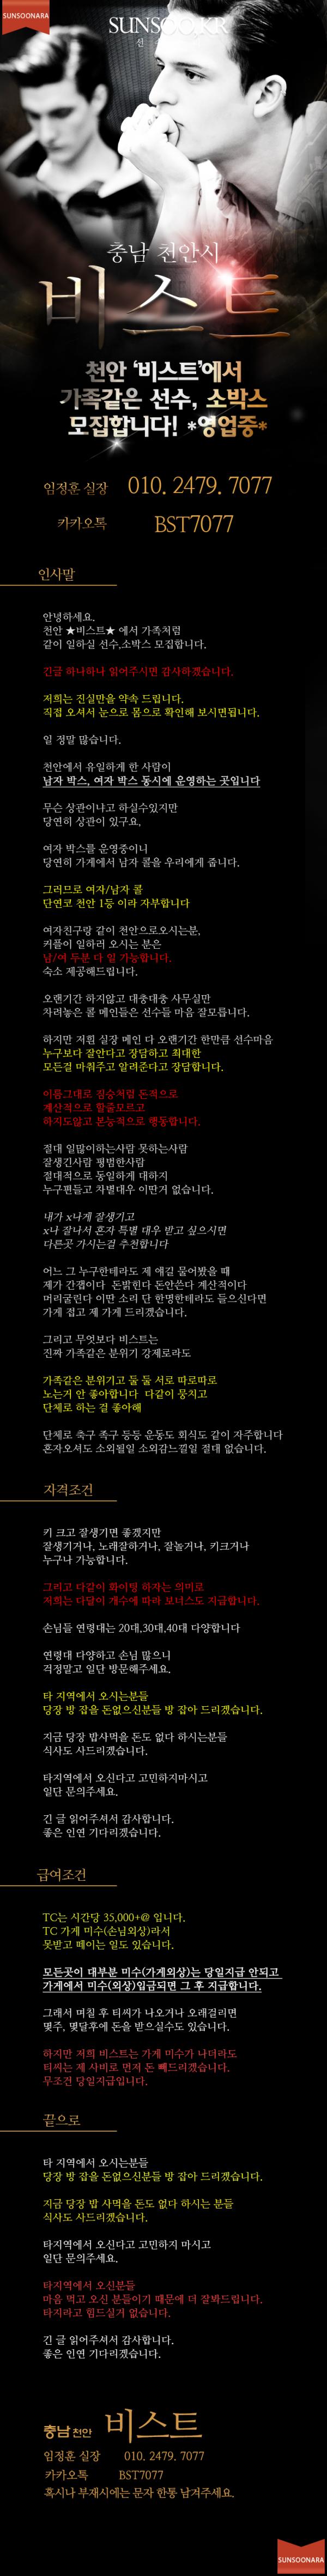 천안 비스트.png